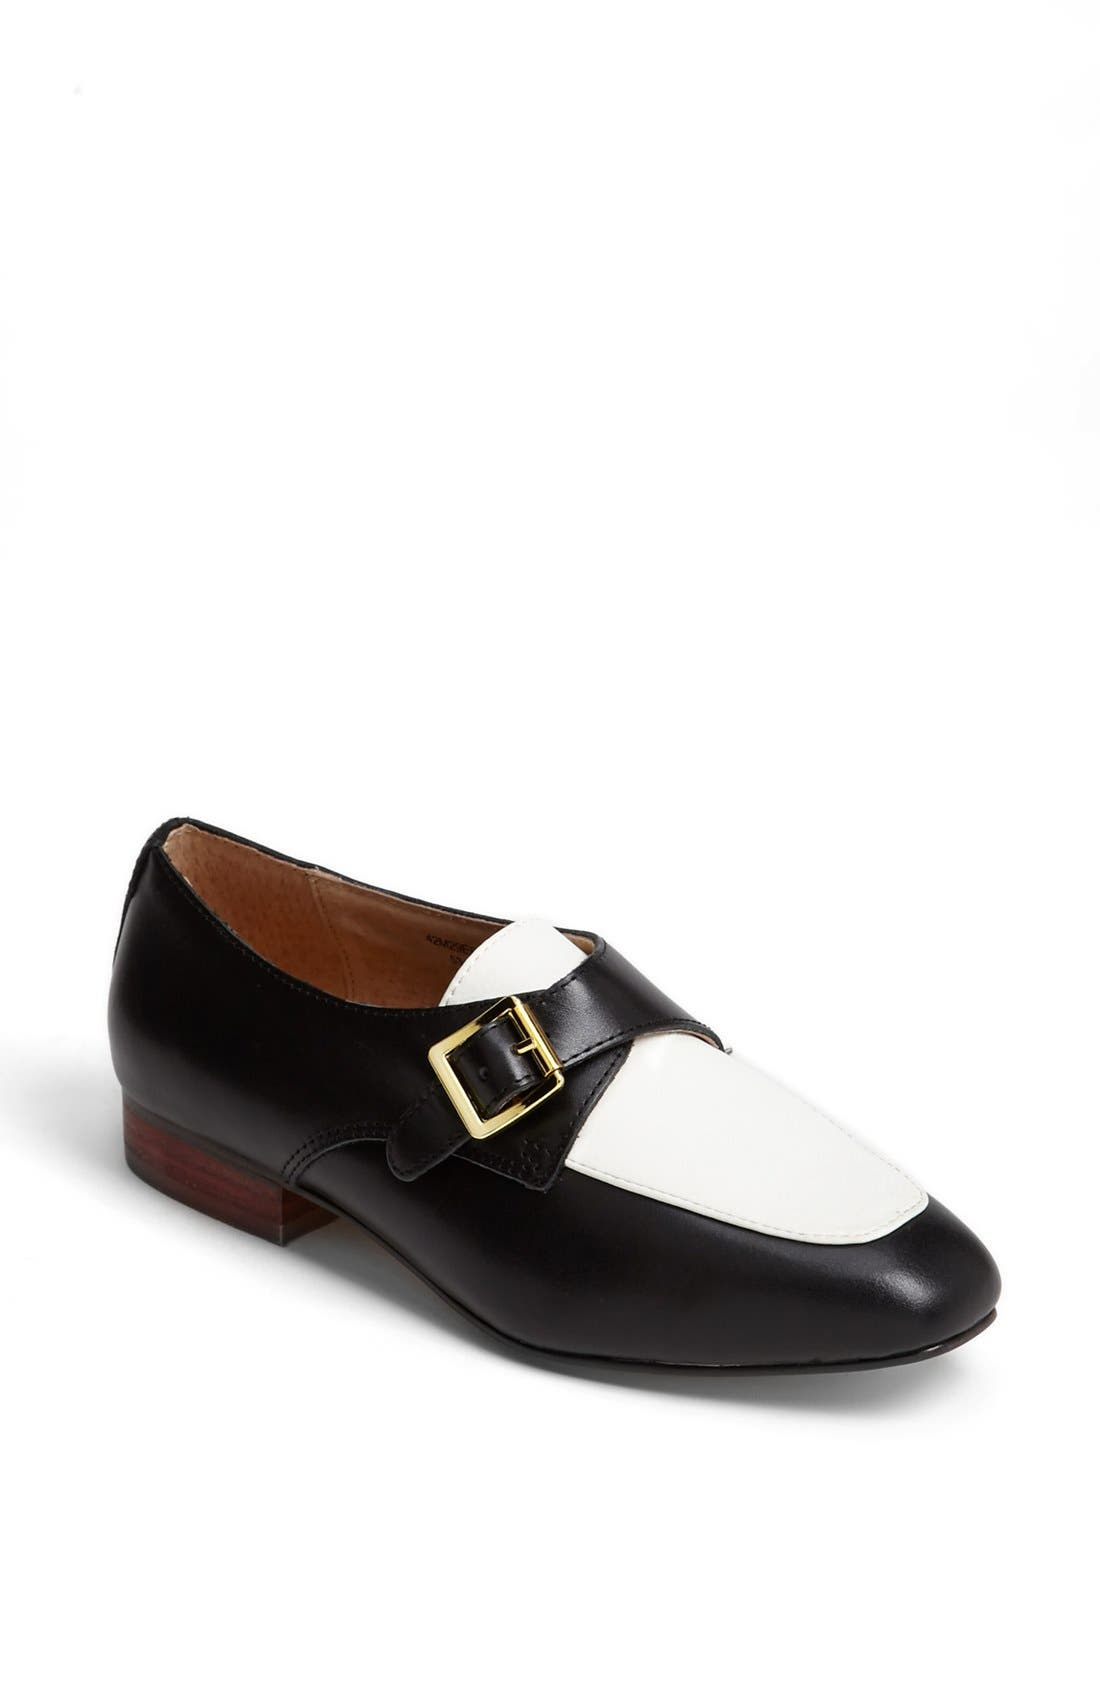 Main Image - Topshop 'Matie' Monk Strap Shoe